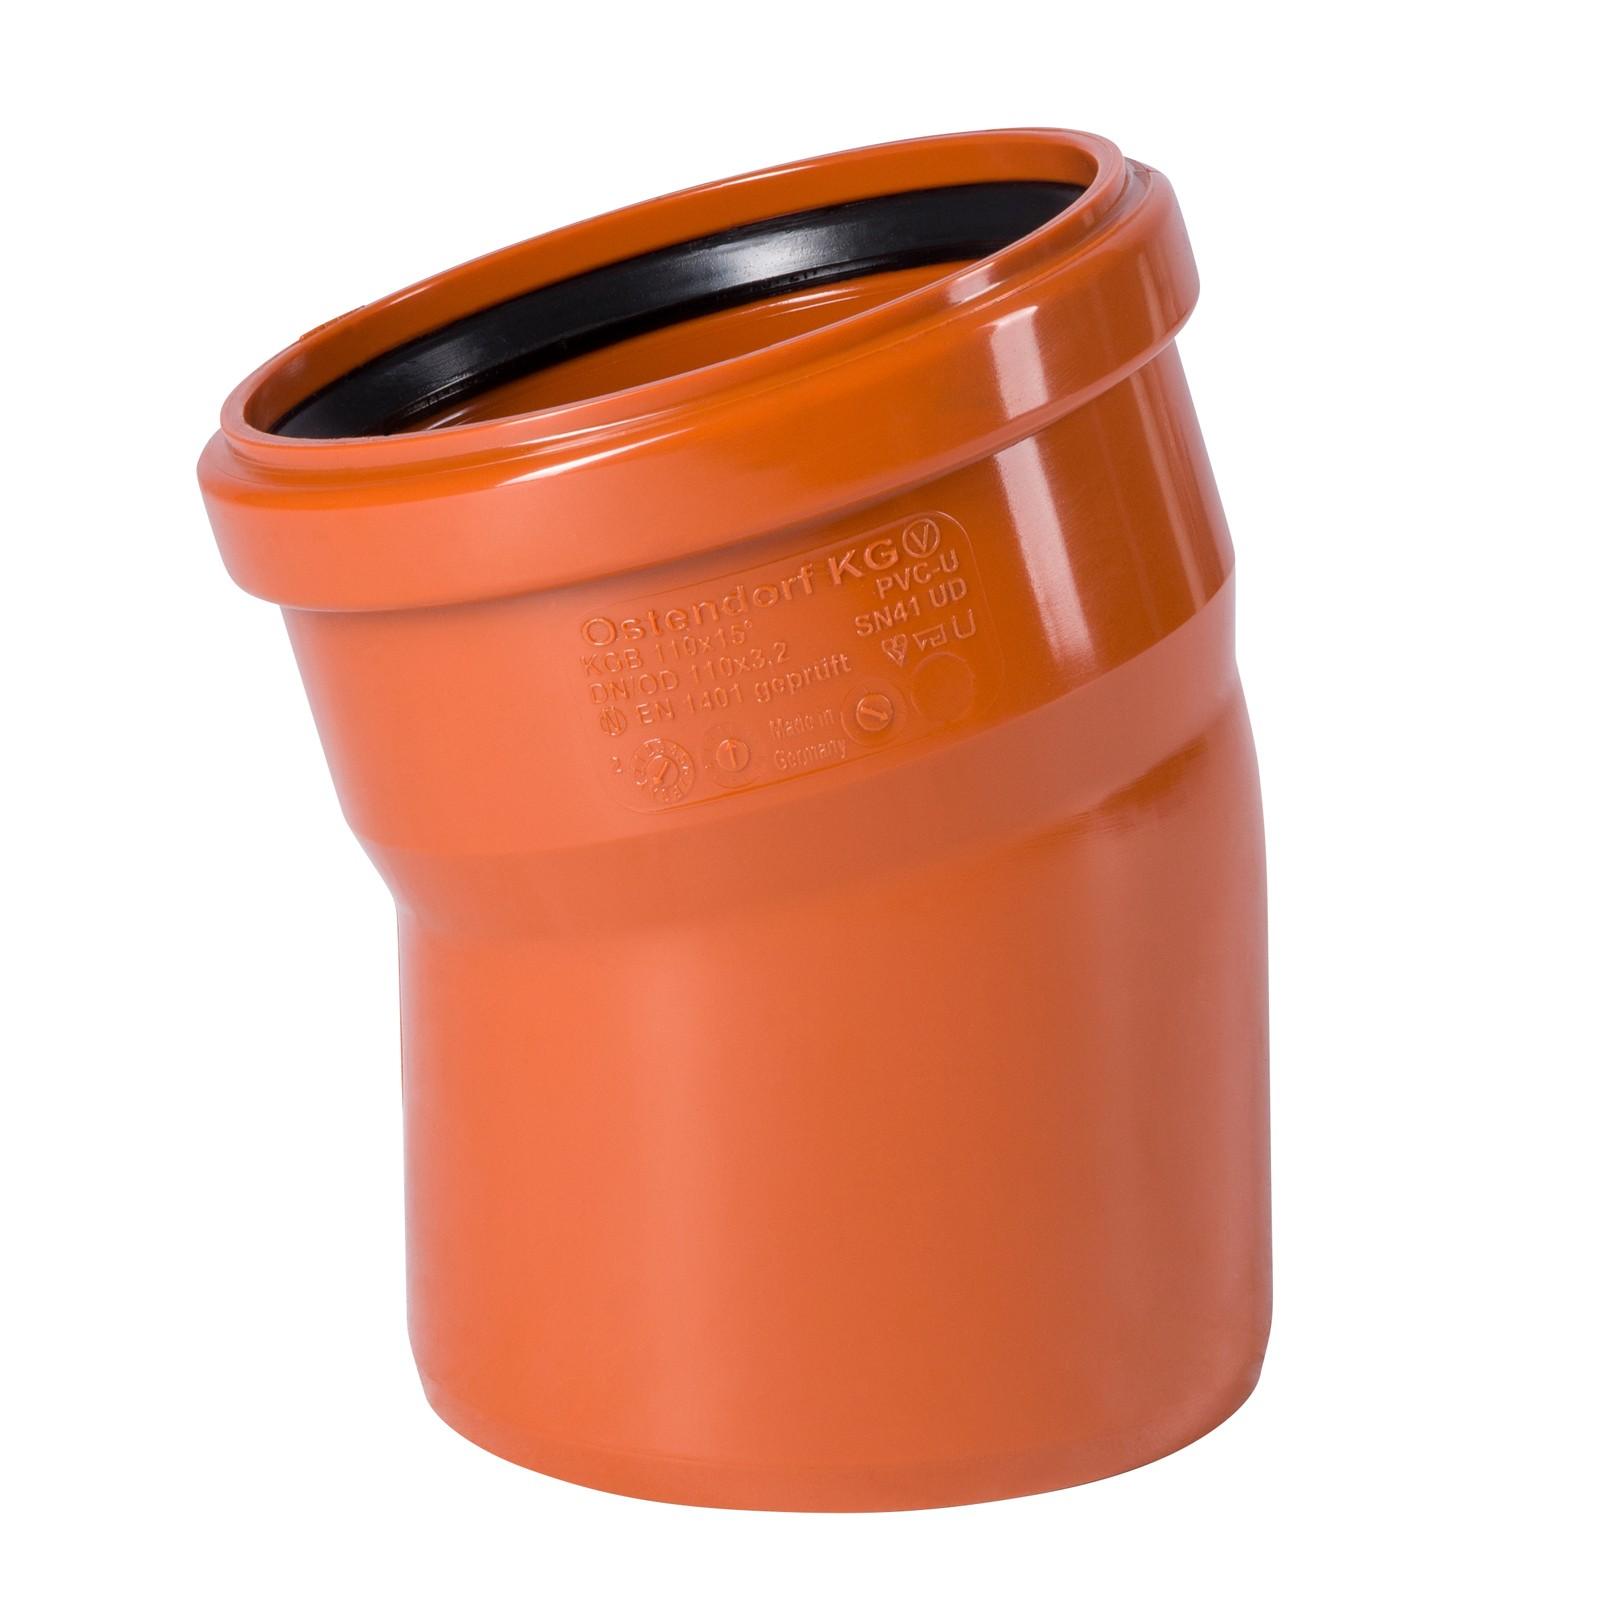 kg bogen dn200 15 grad rohr abwasserrohr kanalrohr orange. Black Bedroom Furniture Sets. Home Design Ideas